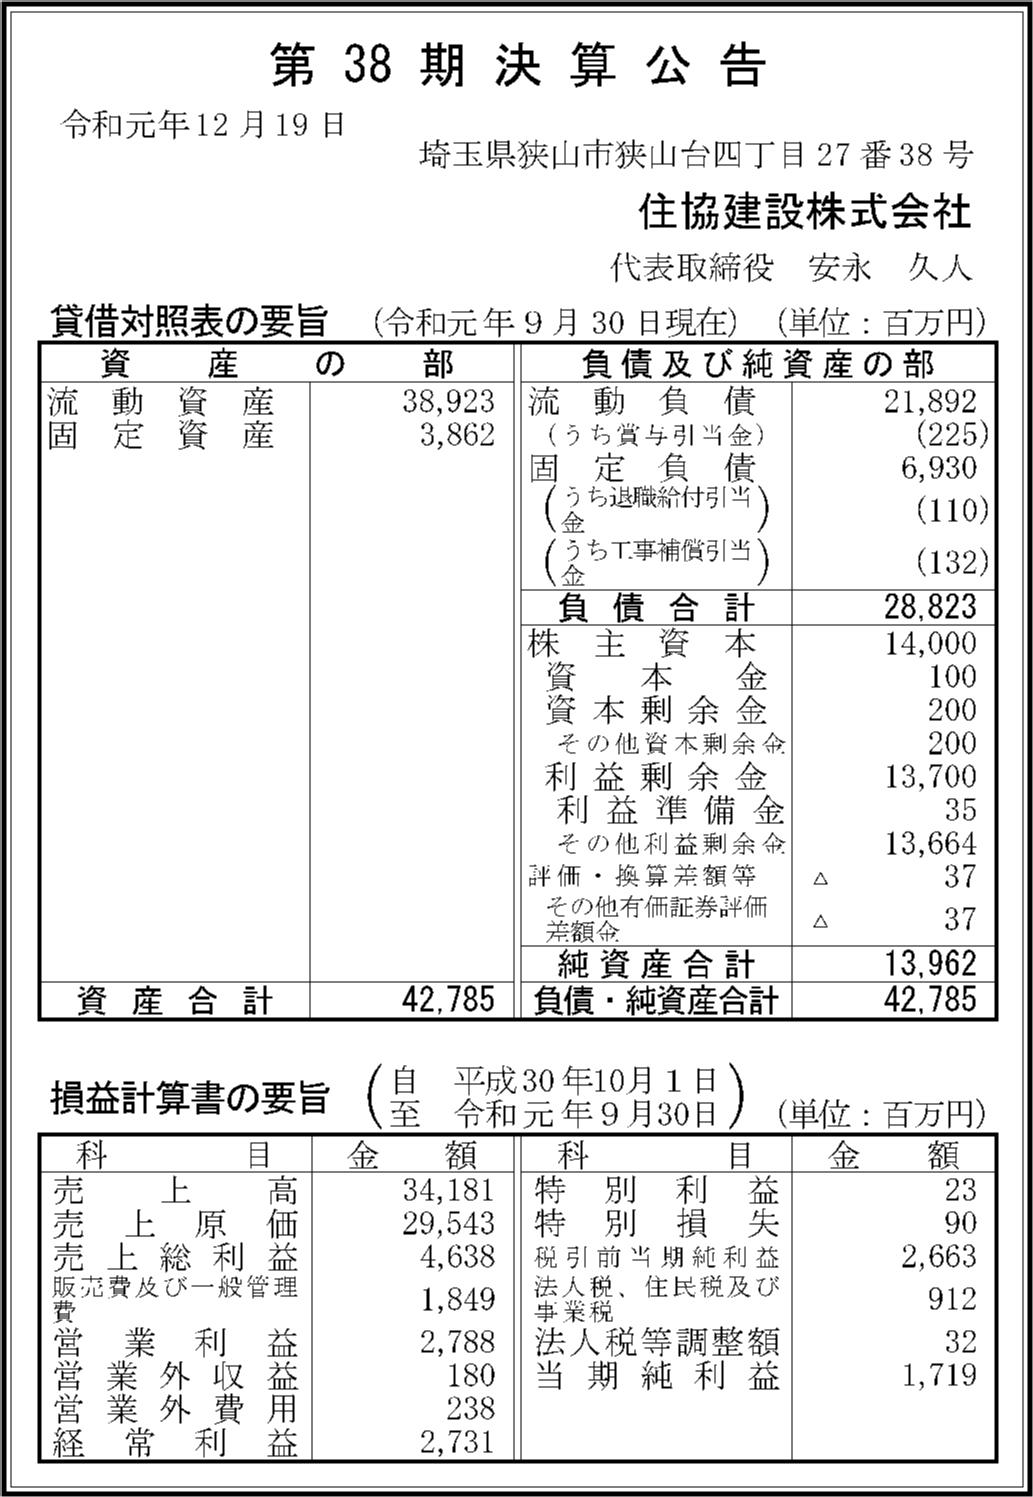 0063 2e37c9c71cd9cd026ff72fb893cadb40265f748db6f7957ea5216a451f445b7f1bd97012eef0bae3fee11df831241786d983bdb62e2dfc8b5bb603a793c7e9bf 03